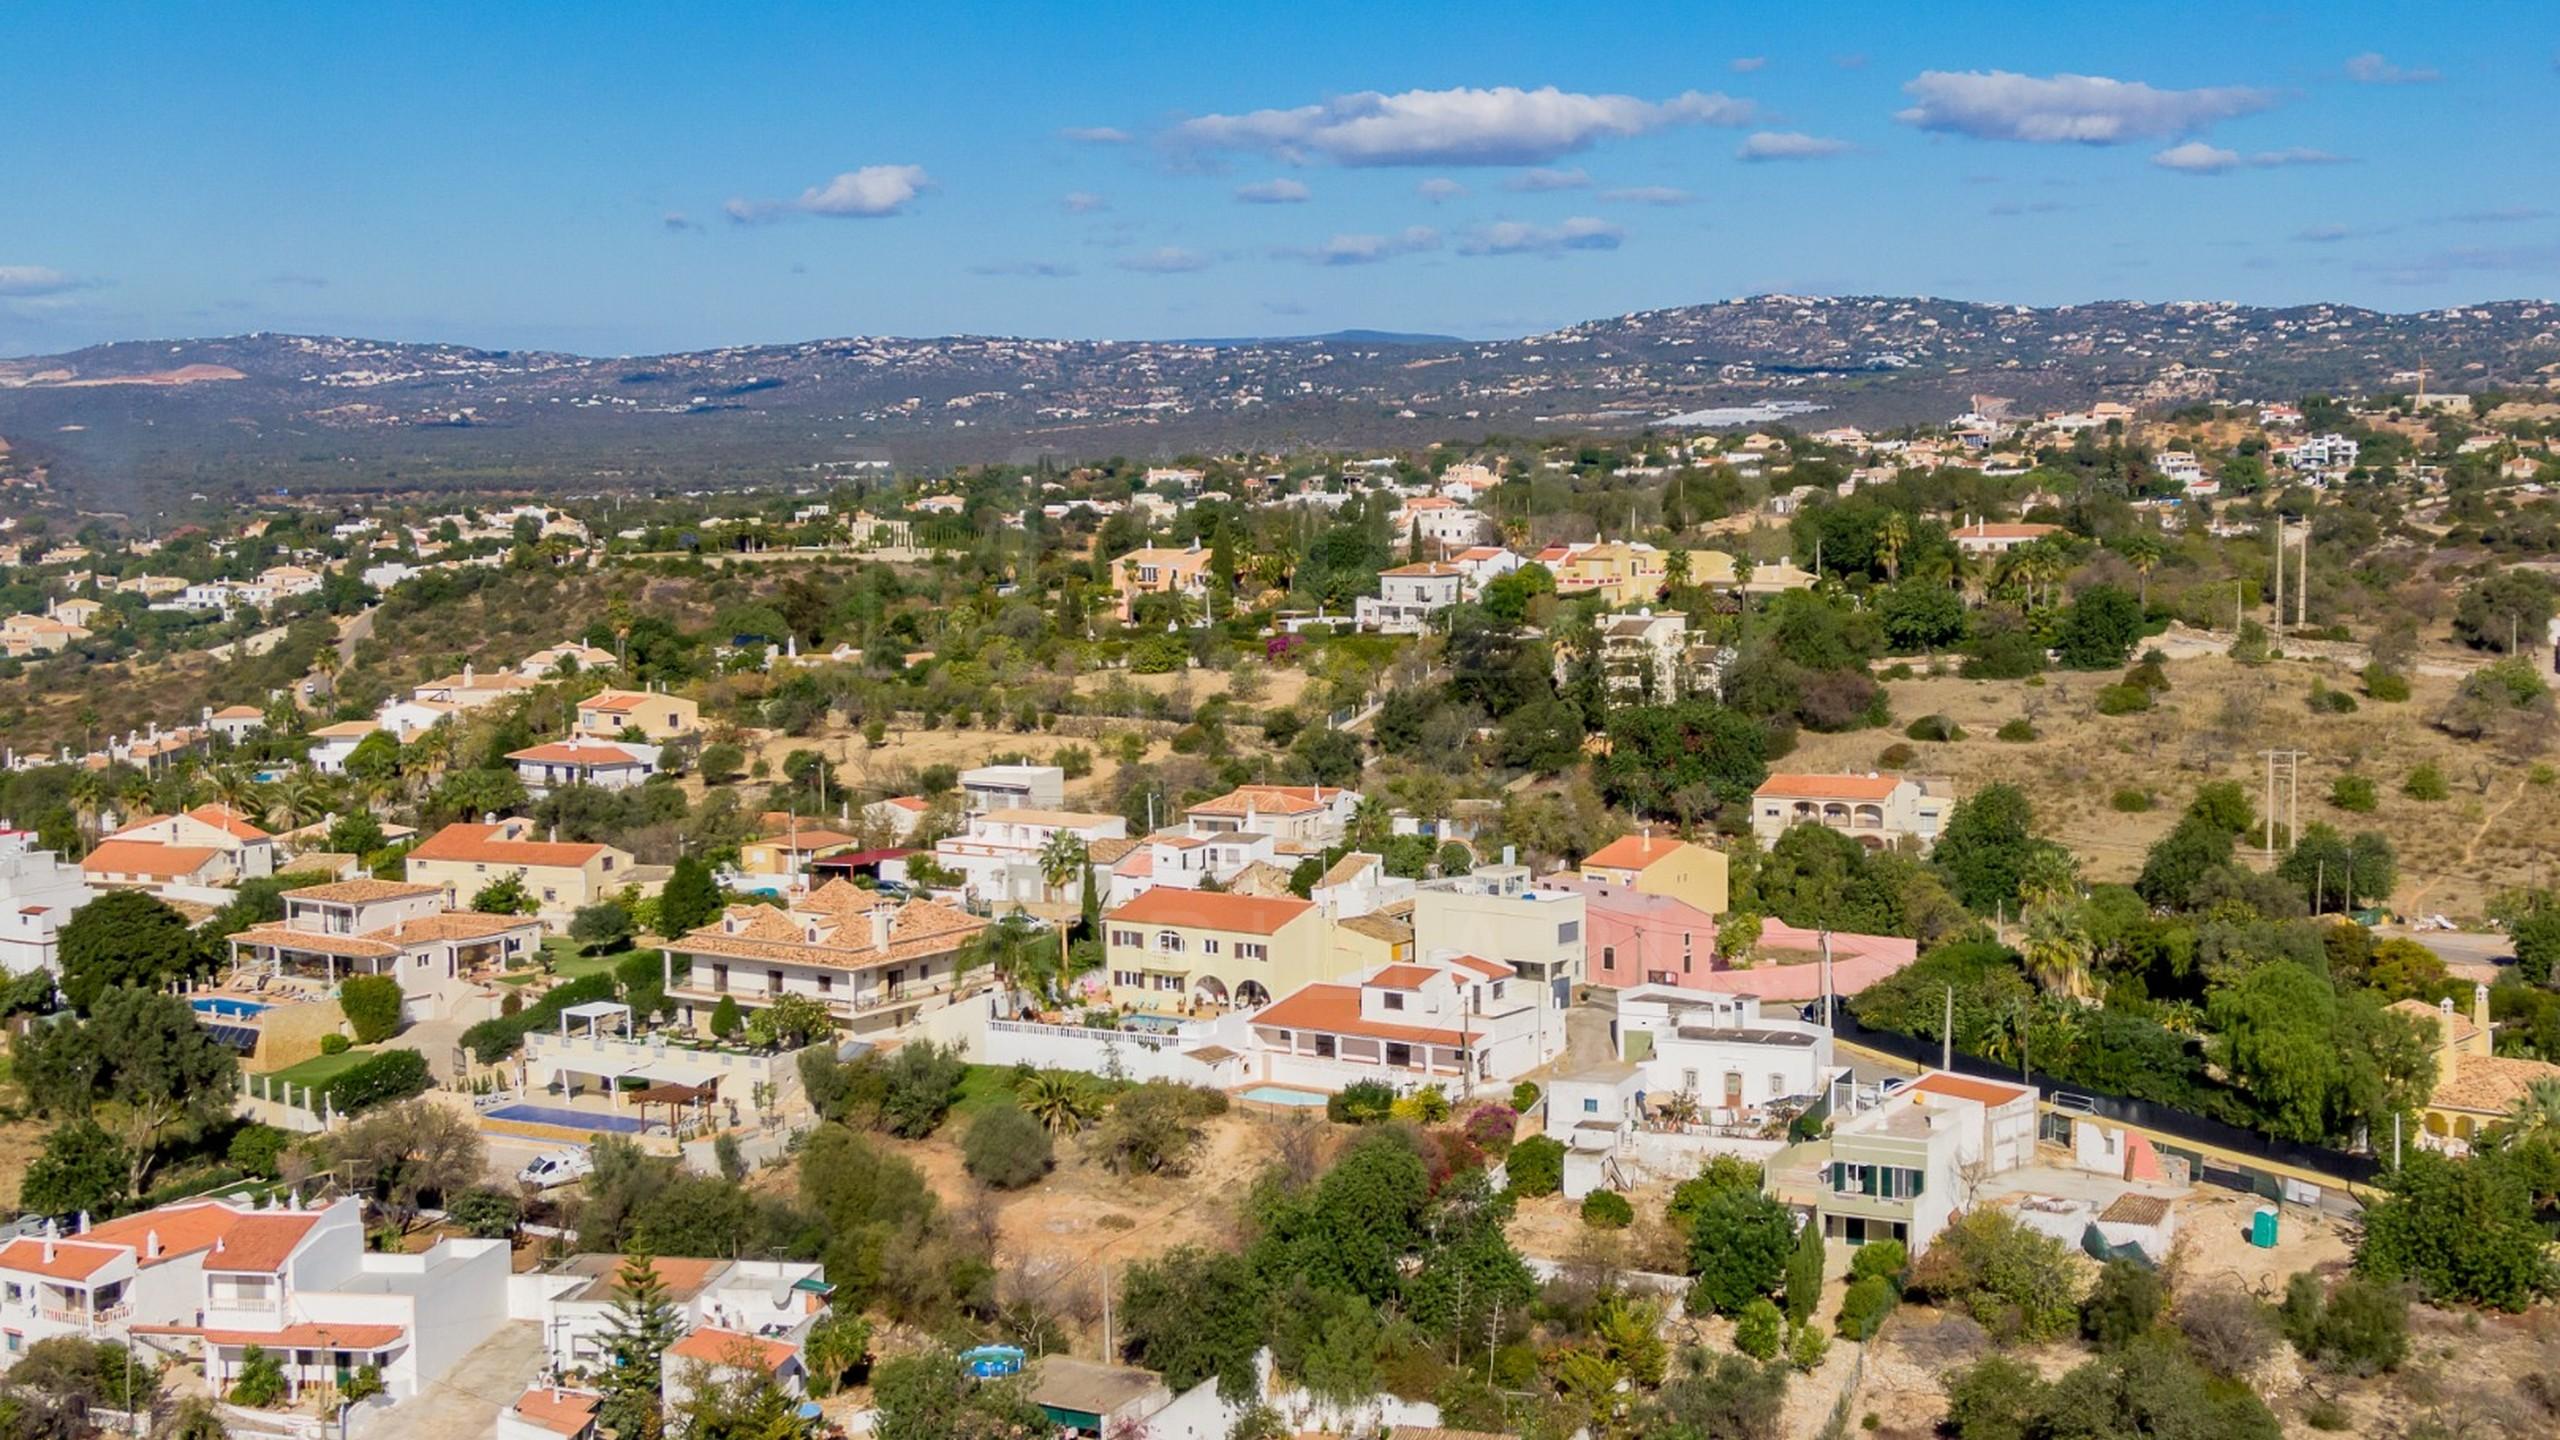 Maison à vendre près de Faro, Algarve